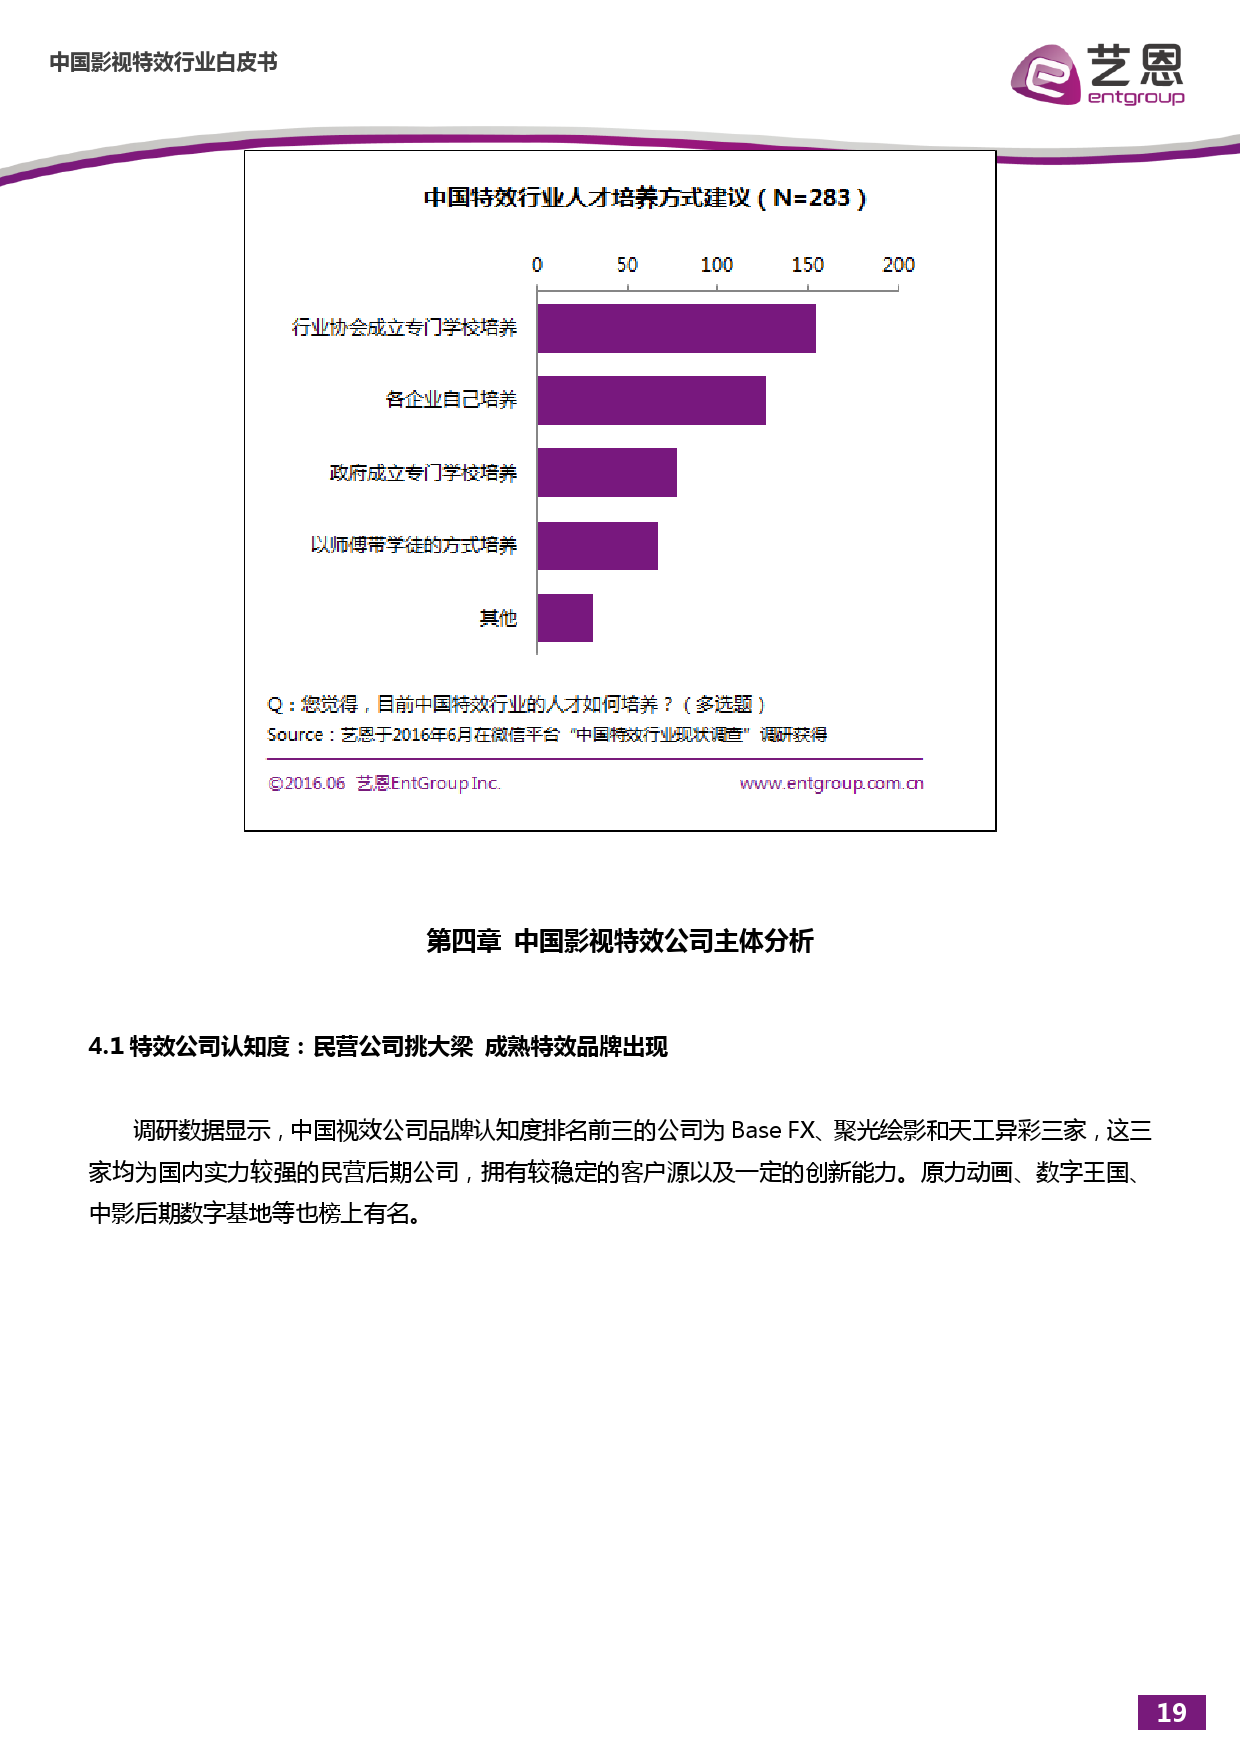 %e4%b8%ad%e5%9b%bd%e5%bd%b1%e8%a7%86%e7%89%b9%e6%95%88%e5%b8%82%e5%9c%ba%e7%a0%94%e7%a9%b6%e6%8a%a5%e5%91%8a_000020